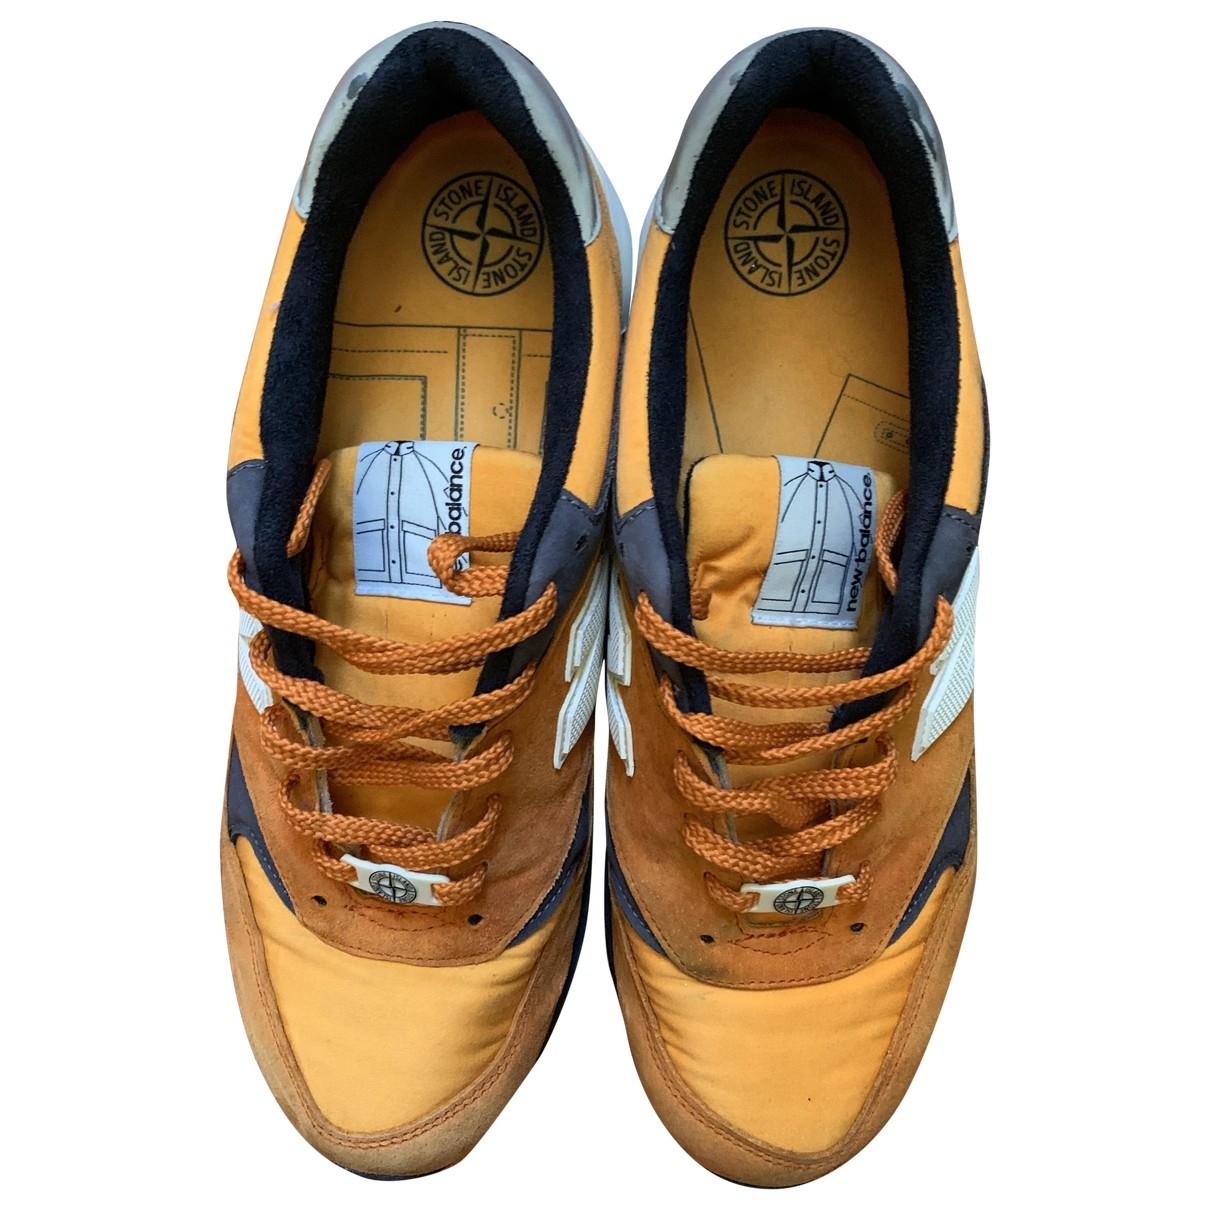 New Balance - Baskets   pour homme en suede - orange